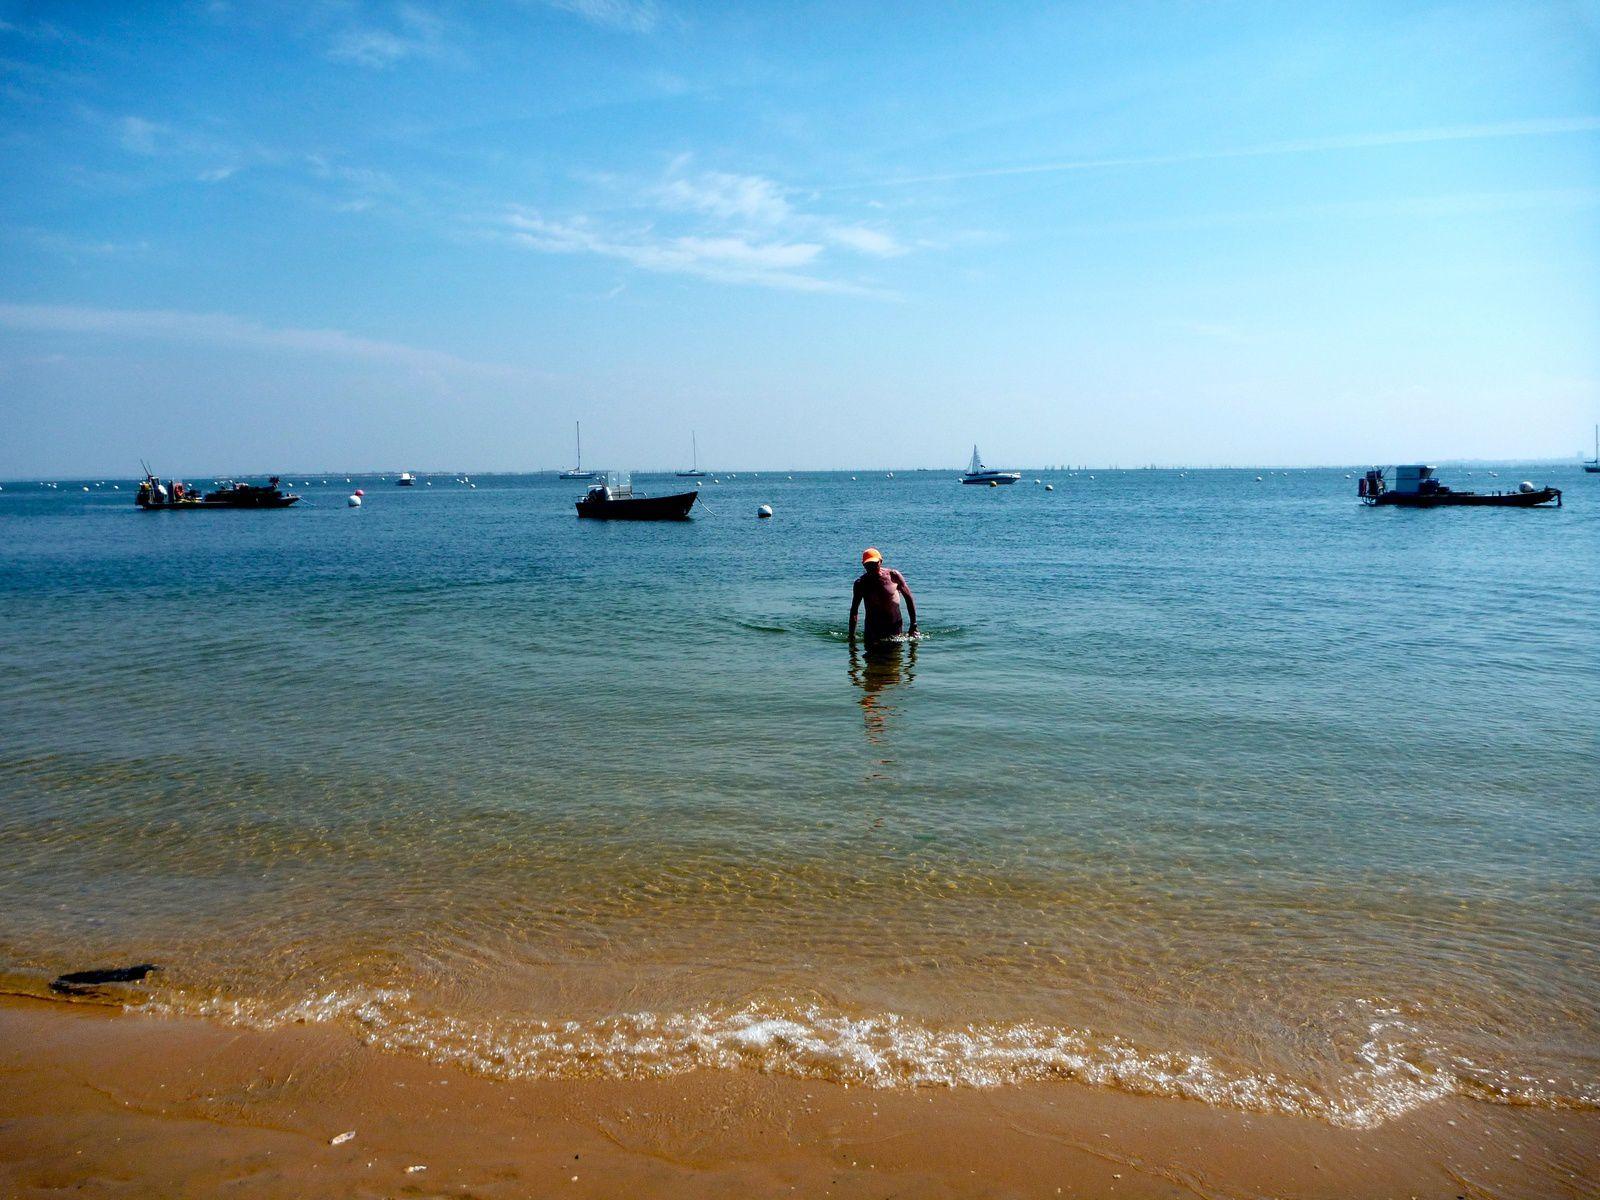 Le référent de la sortie paye de sa personne et montre l'exemple pour la premier bain de mer de l'année. Mais il restera le seul a goûter au charme d'un bain très vivifiant.